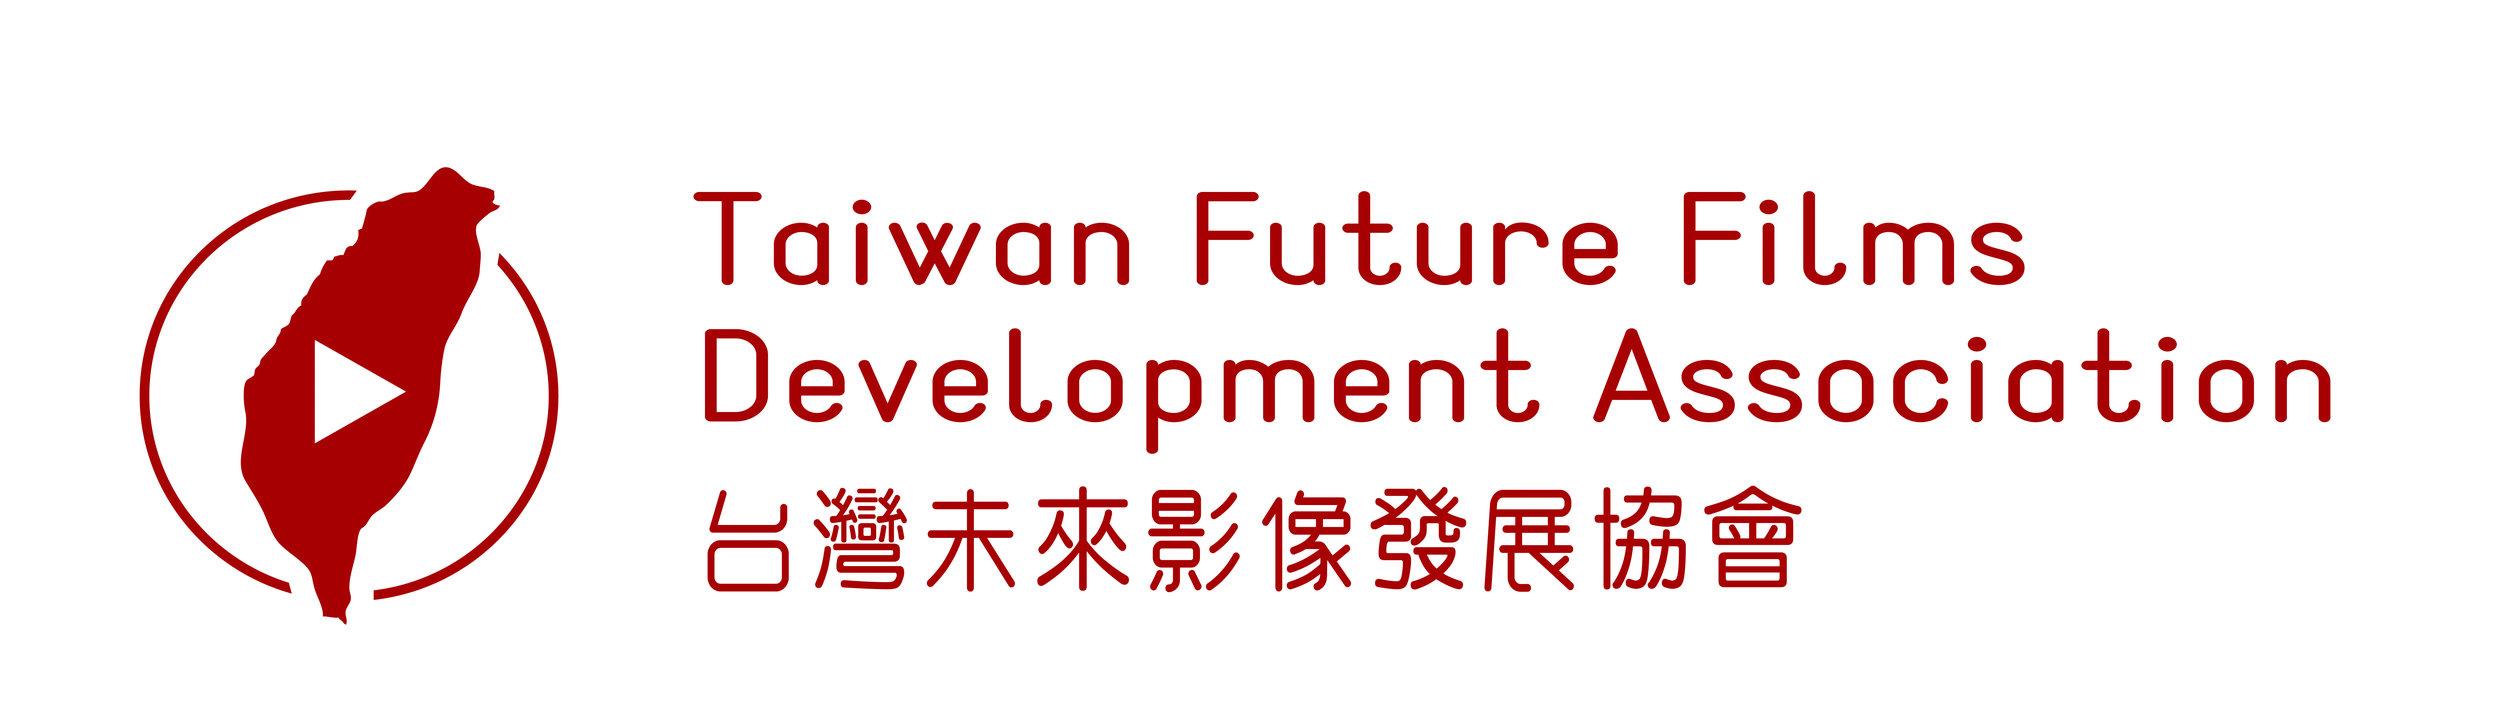 台灣未來影像發展協會ロゴ .jpg